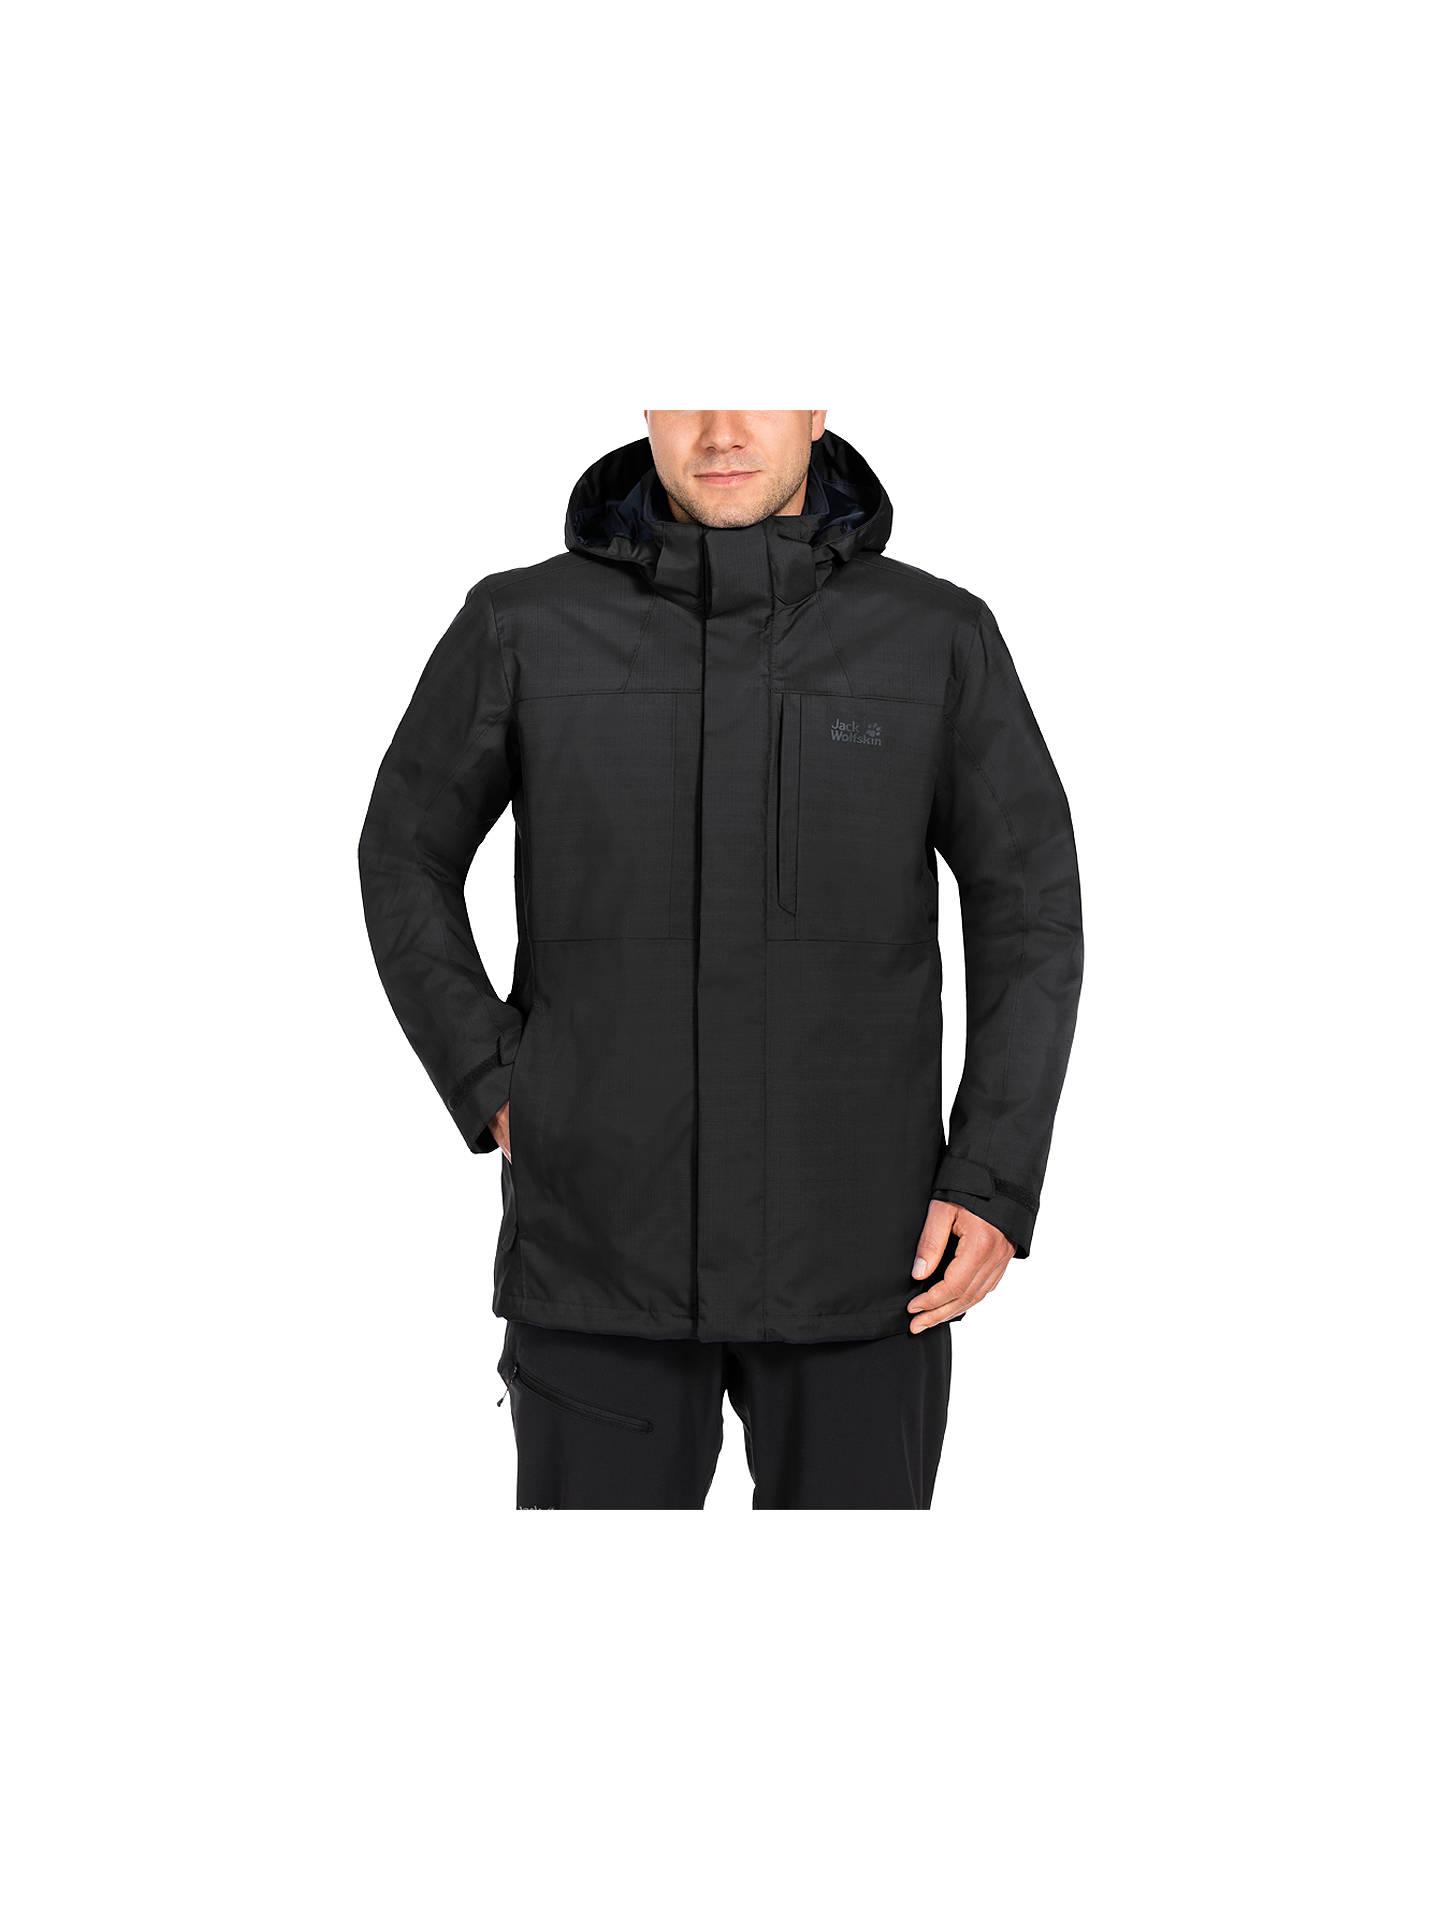 770e0dc40 Jack Wolfskin Black Range 3 in 1 Waterproof Men's Jacket, Black at ...